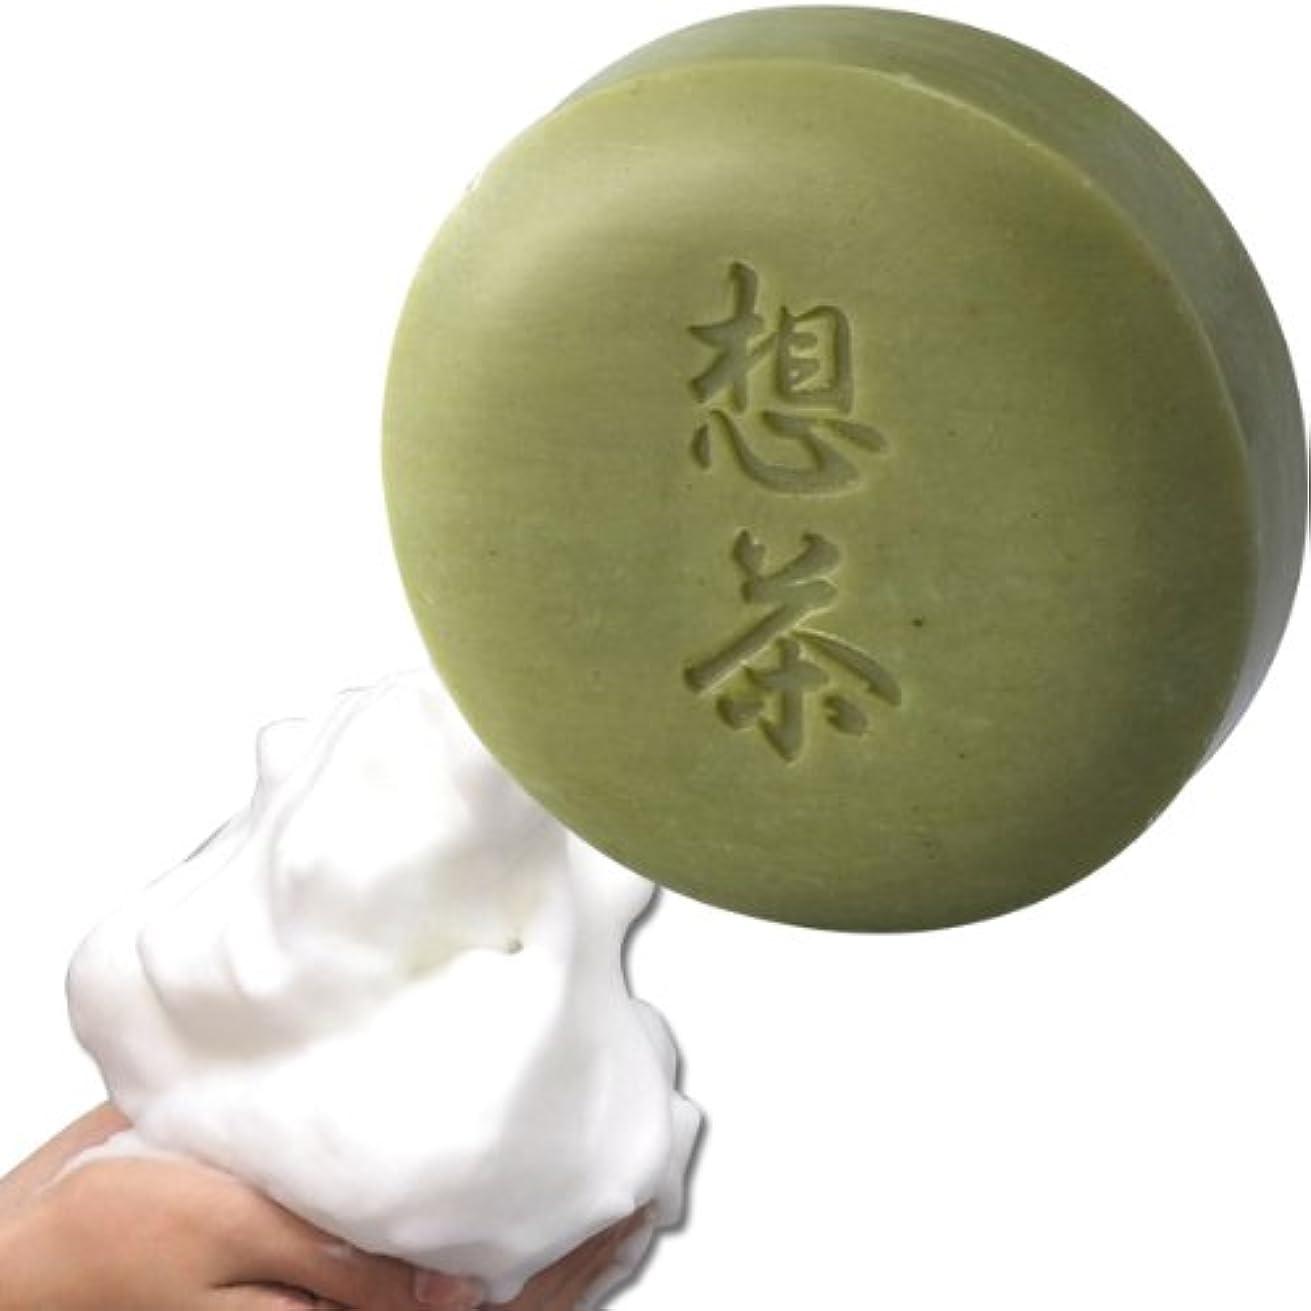 アクション不利益徴収想茶石鹸 100g(お茶屋さんが作ったお茶石鹸)